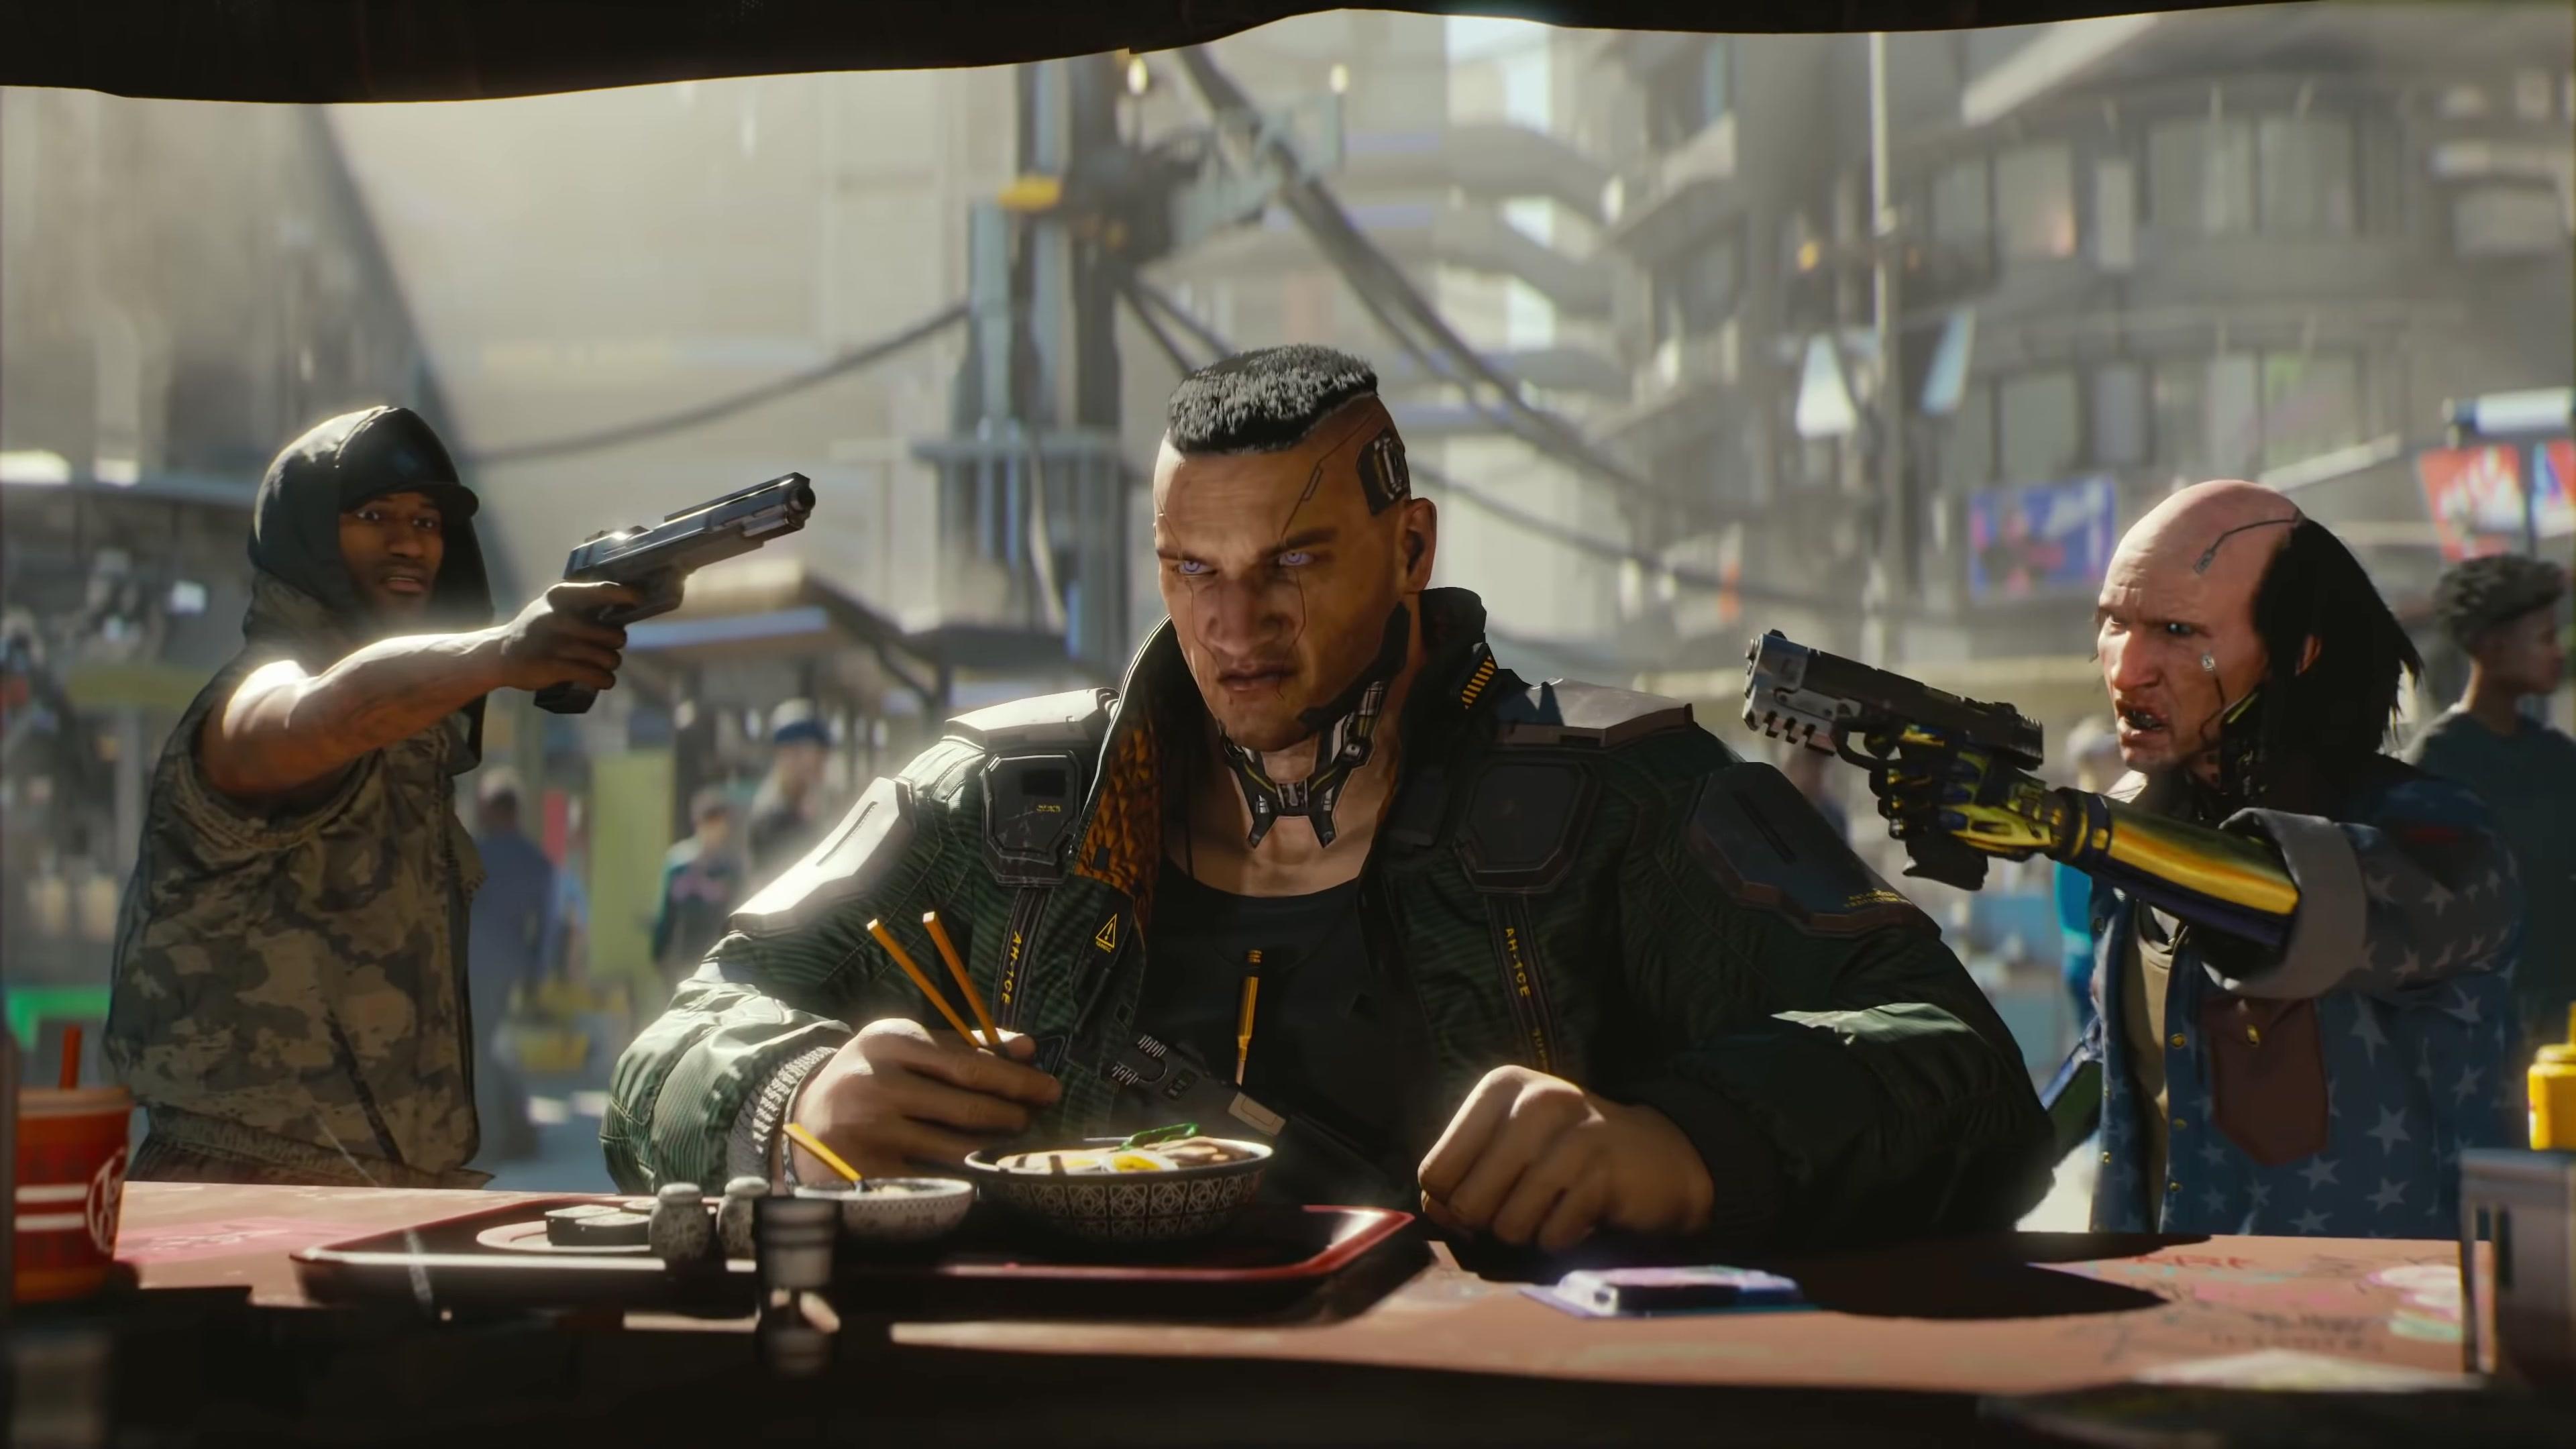 Cyberpunk 2077 066.jpg - Cyberpunk 2077